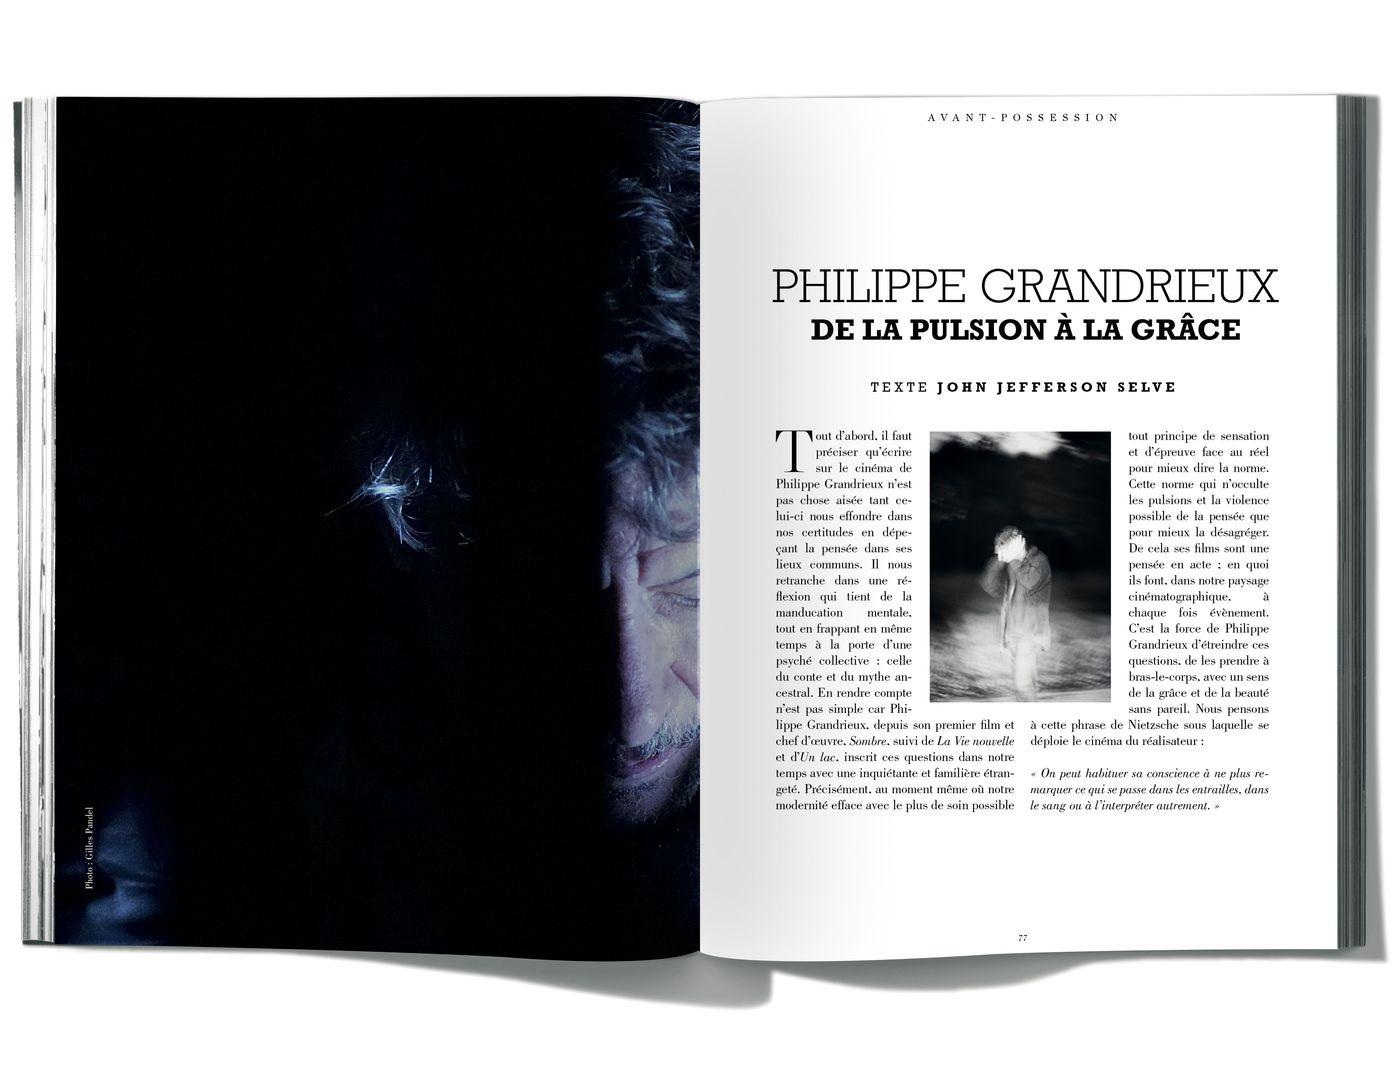 Texte de John Jefferson Selve, Philippe Grandrieux, De la pulsion à la grâce